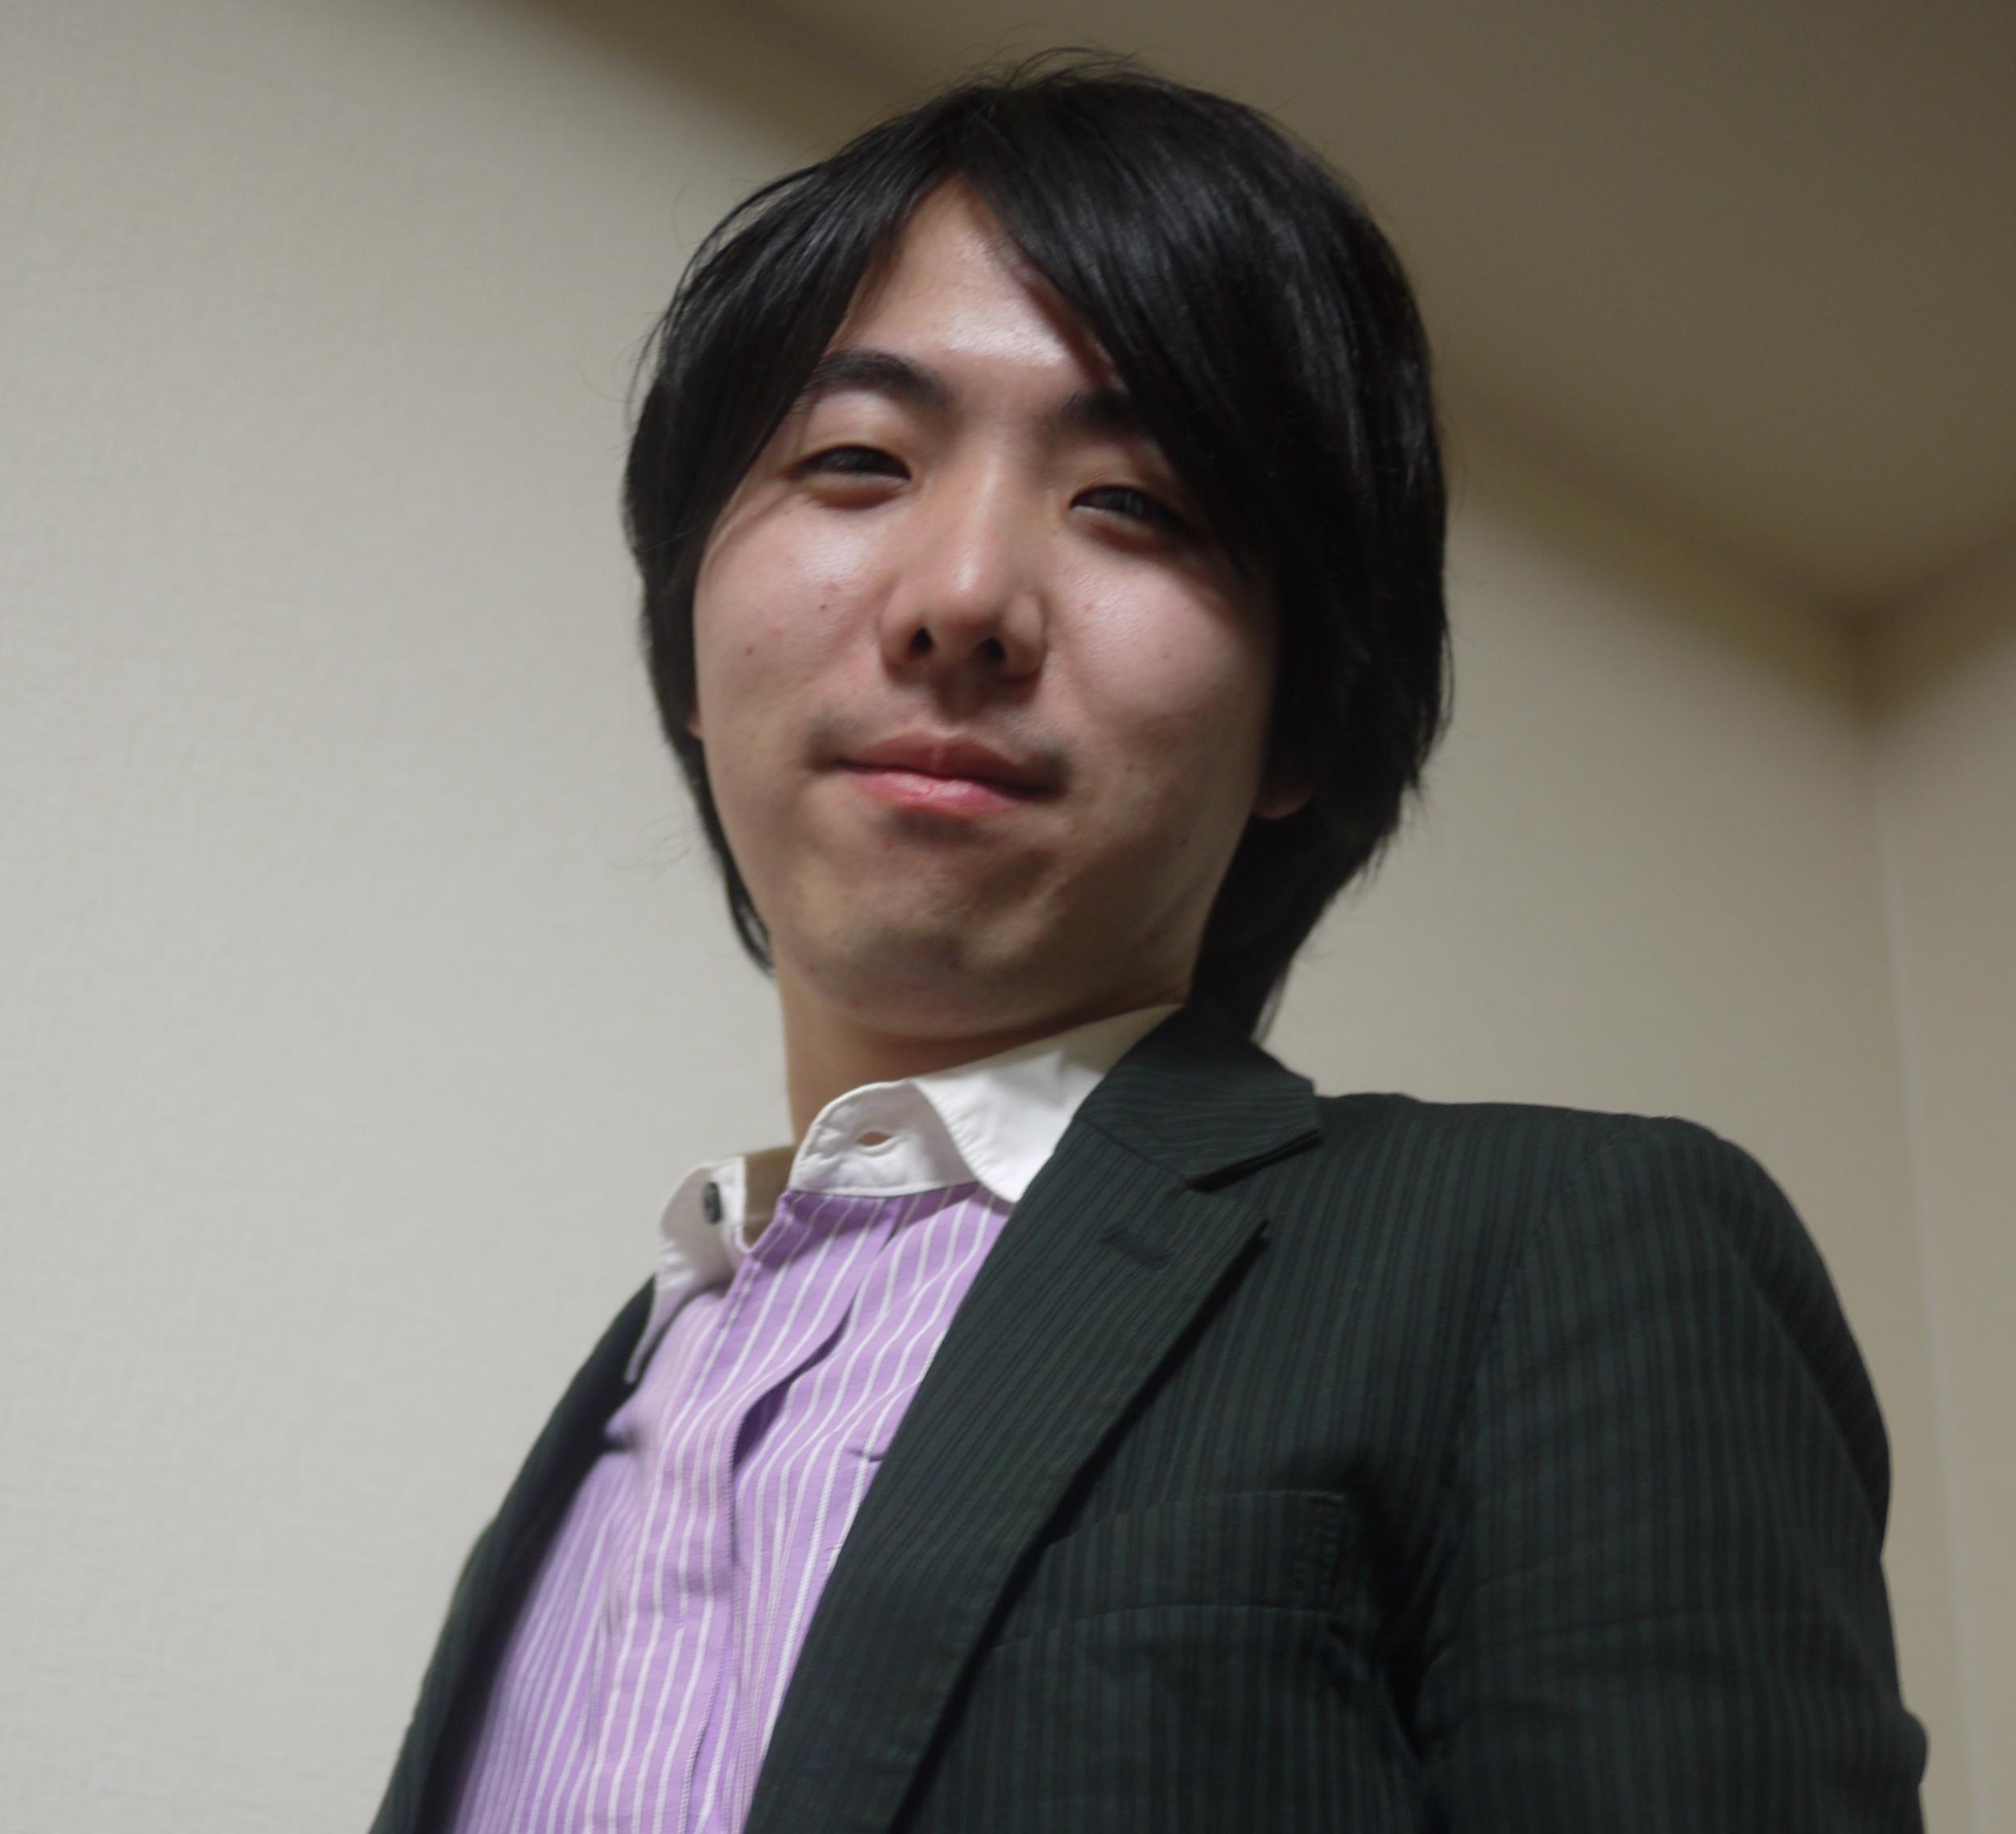 Makoto P. Kato